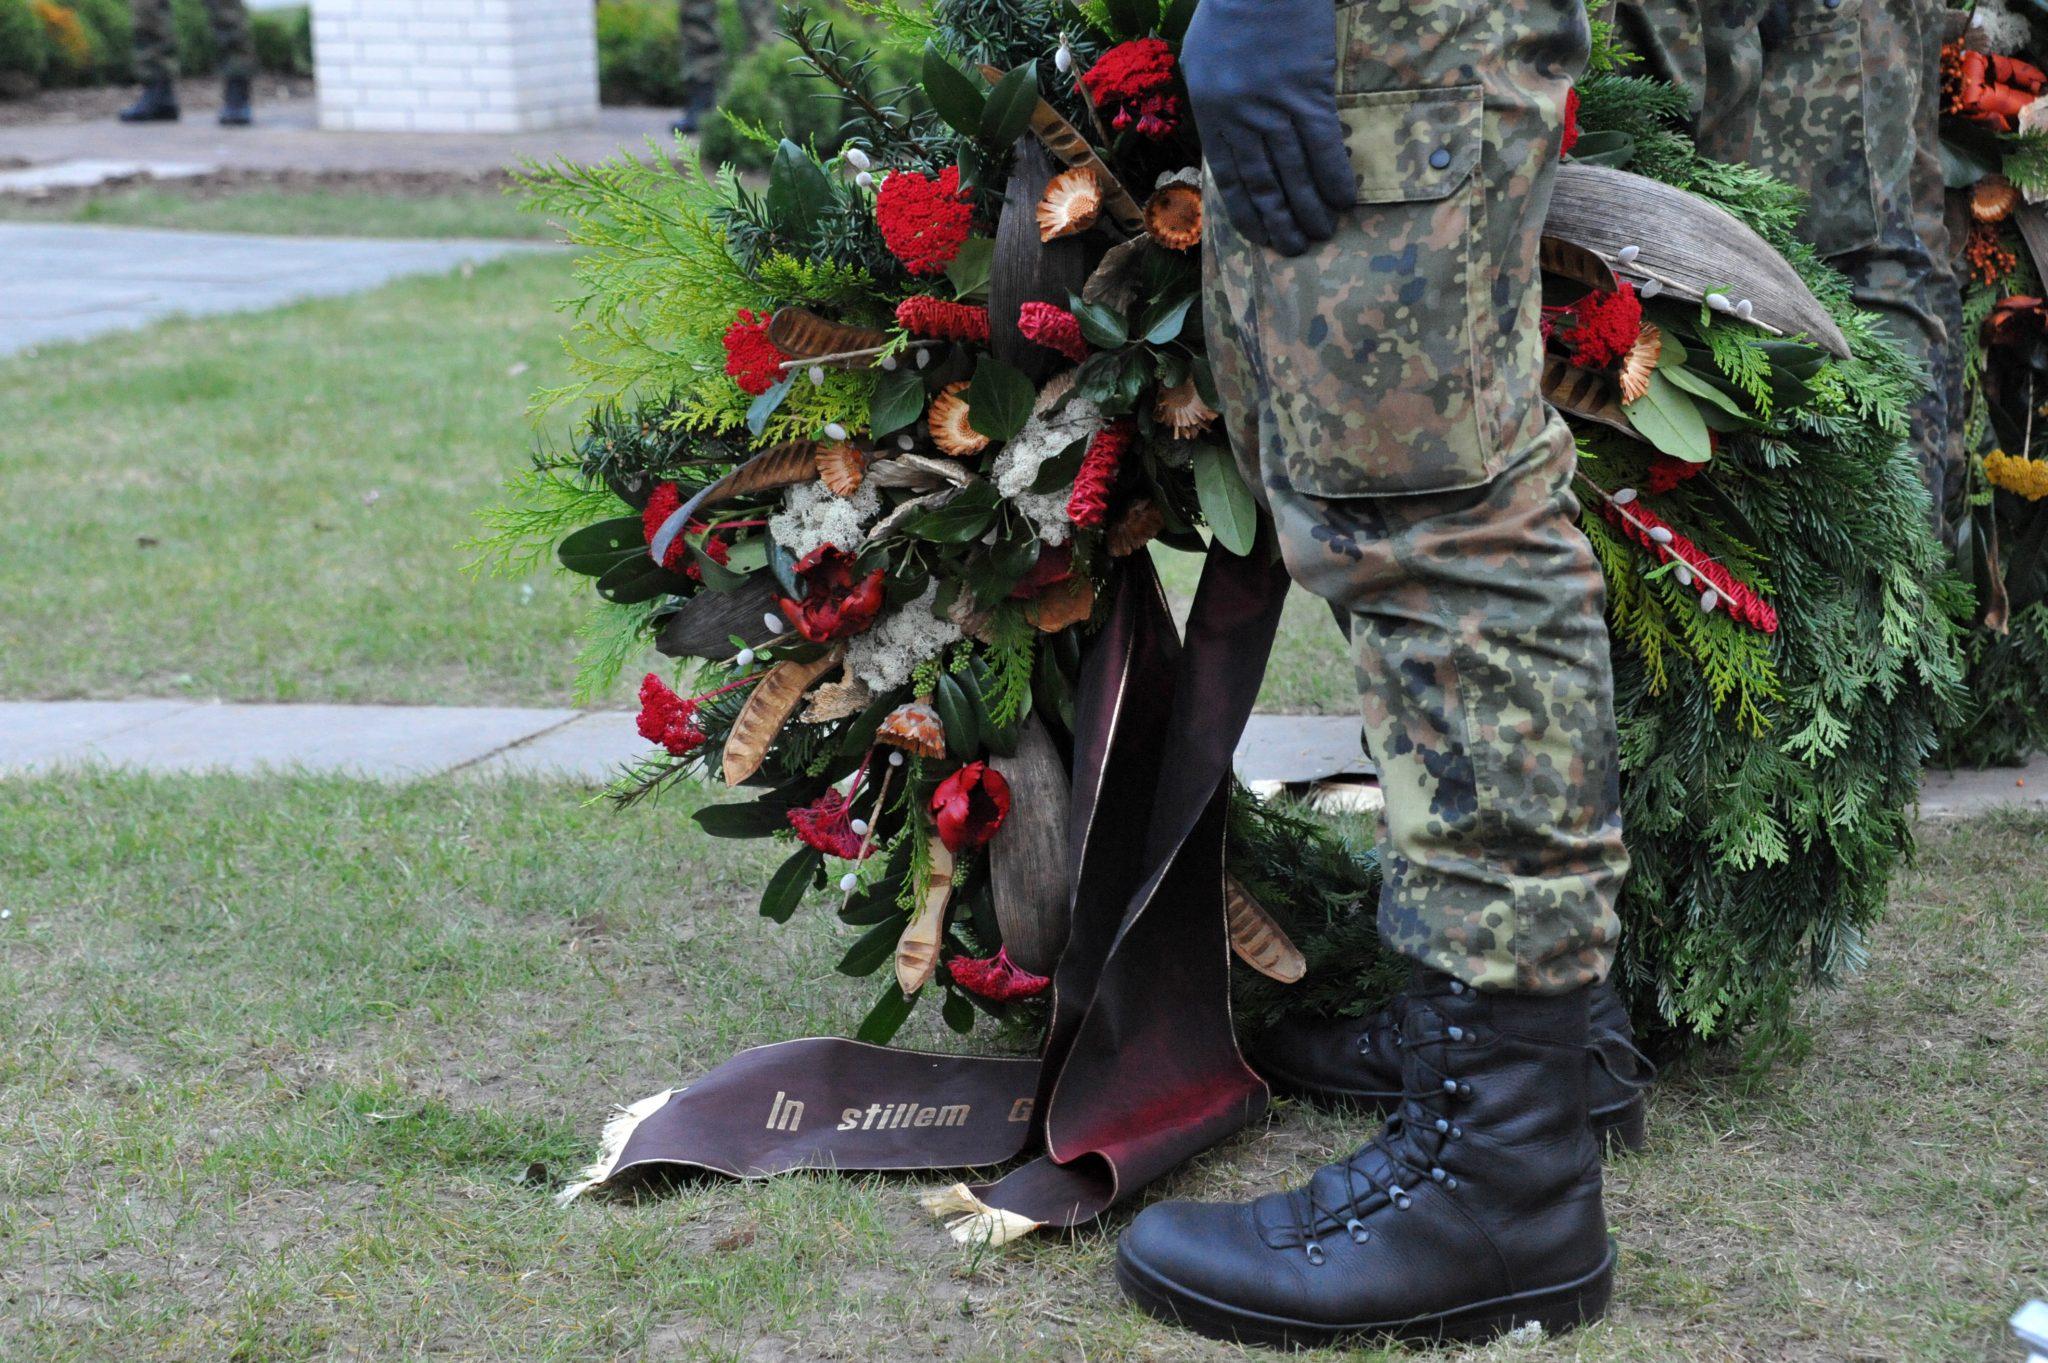 Soldat mit Grabkranz: Mit dem öffentlichen Gedenken an gefallene Bundeswehrsoldaten tut sich die SPD schwer (Symbolbild) Foto: picture alliance